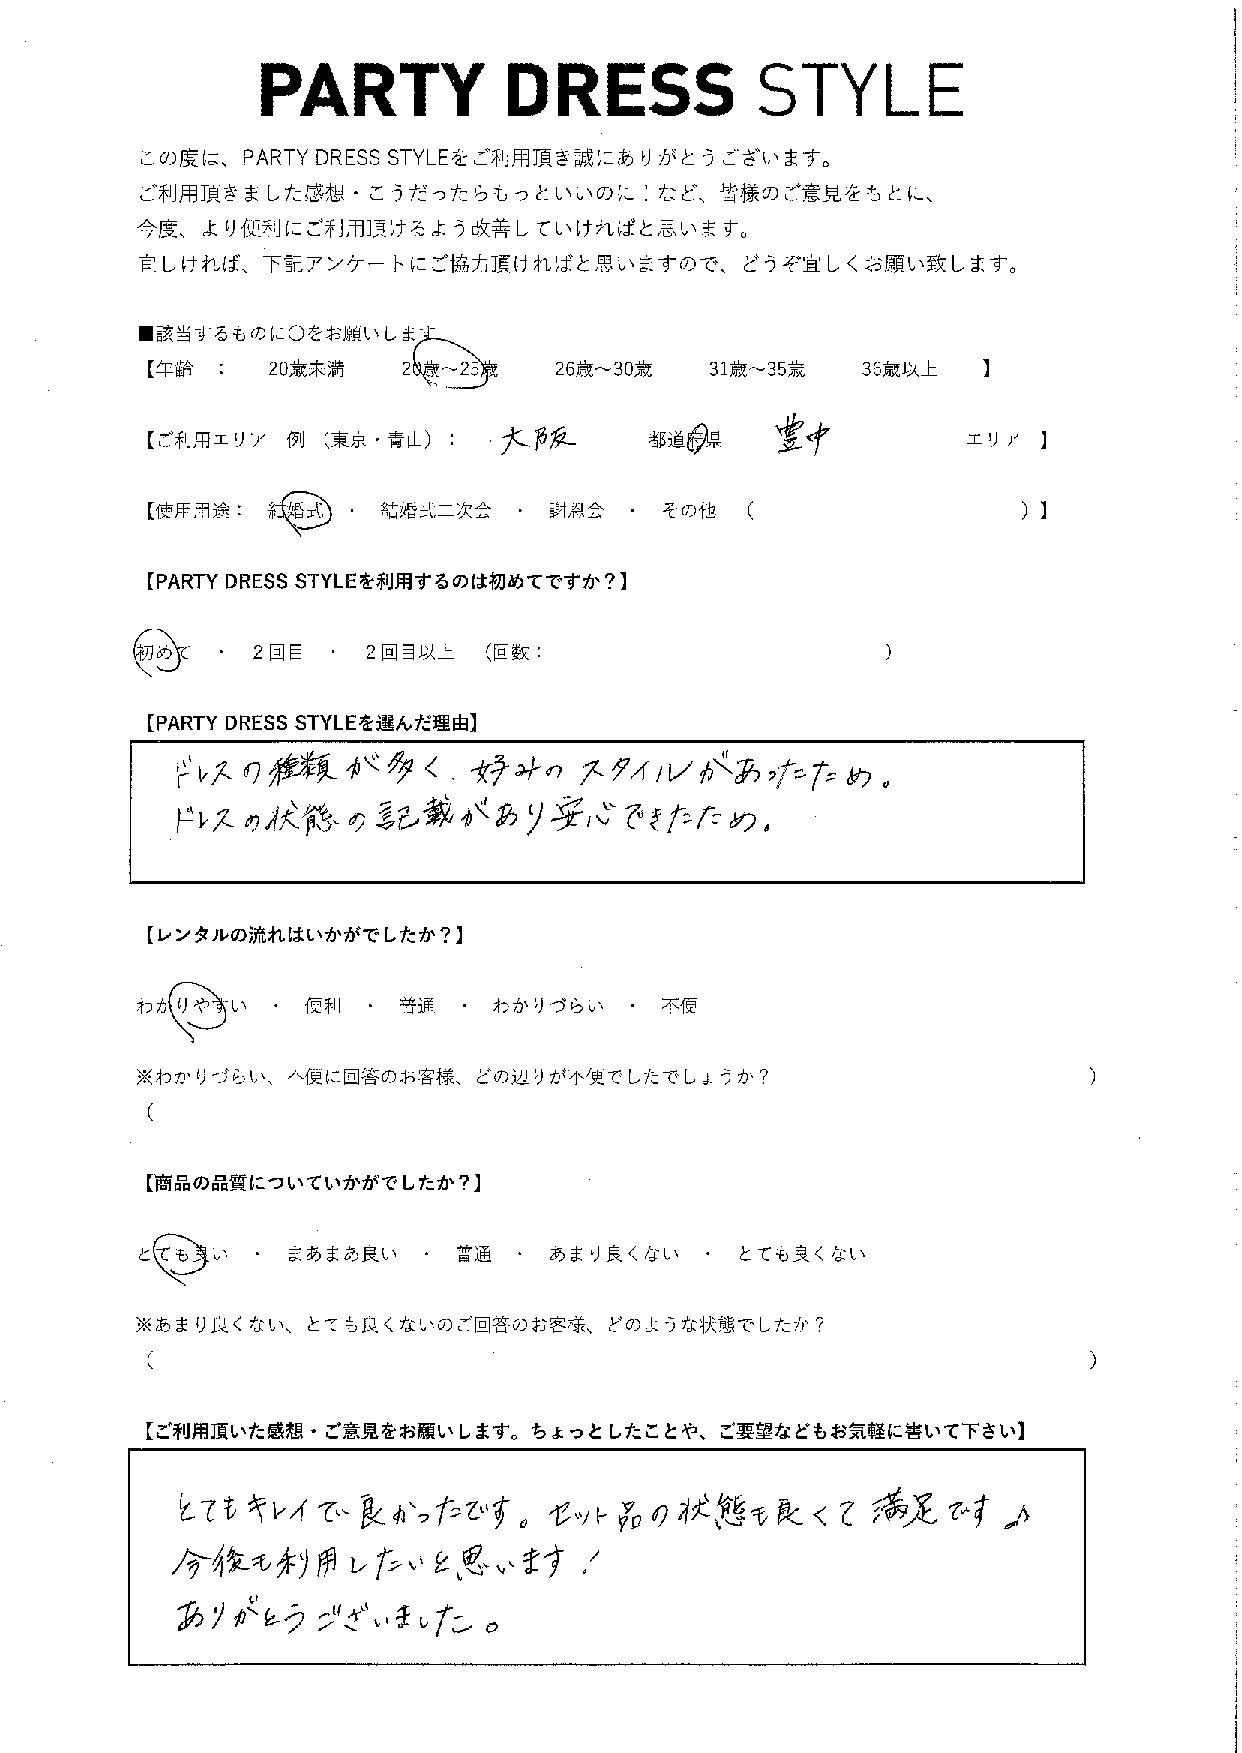 10/27結婚式ご利用 大阪・豊中エリア